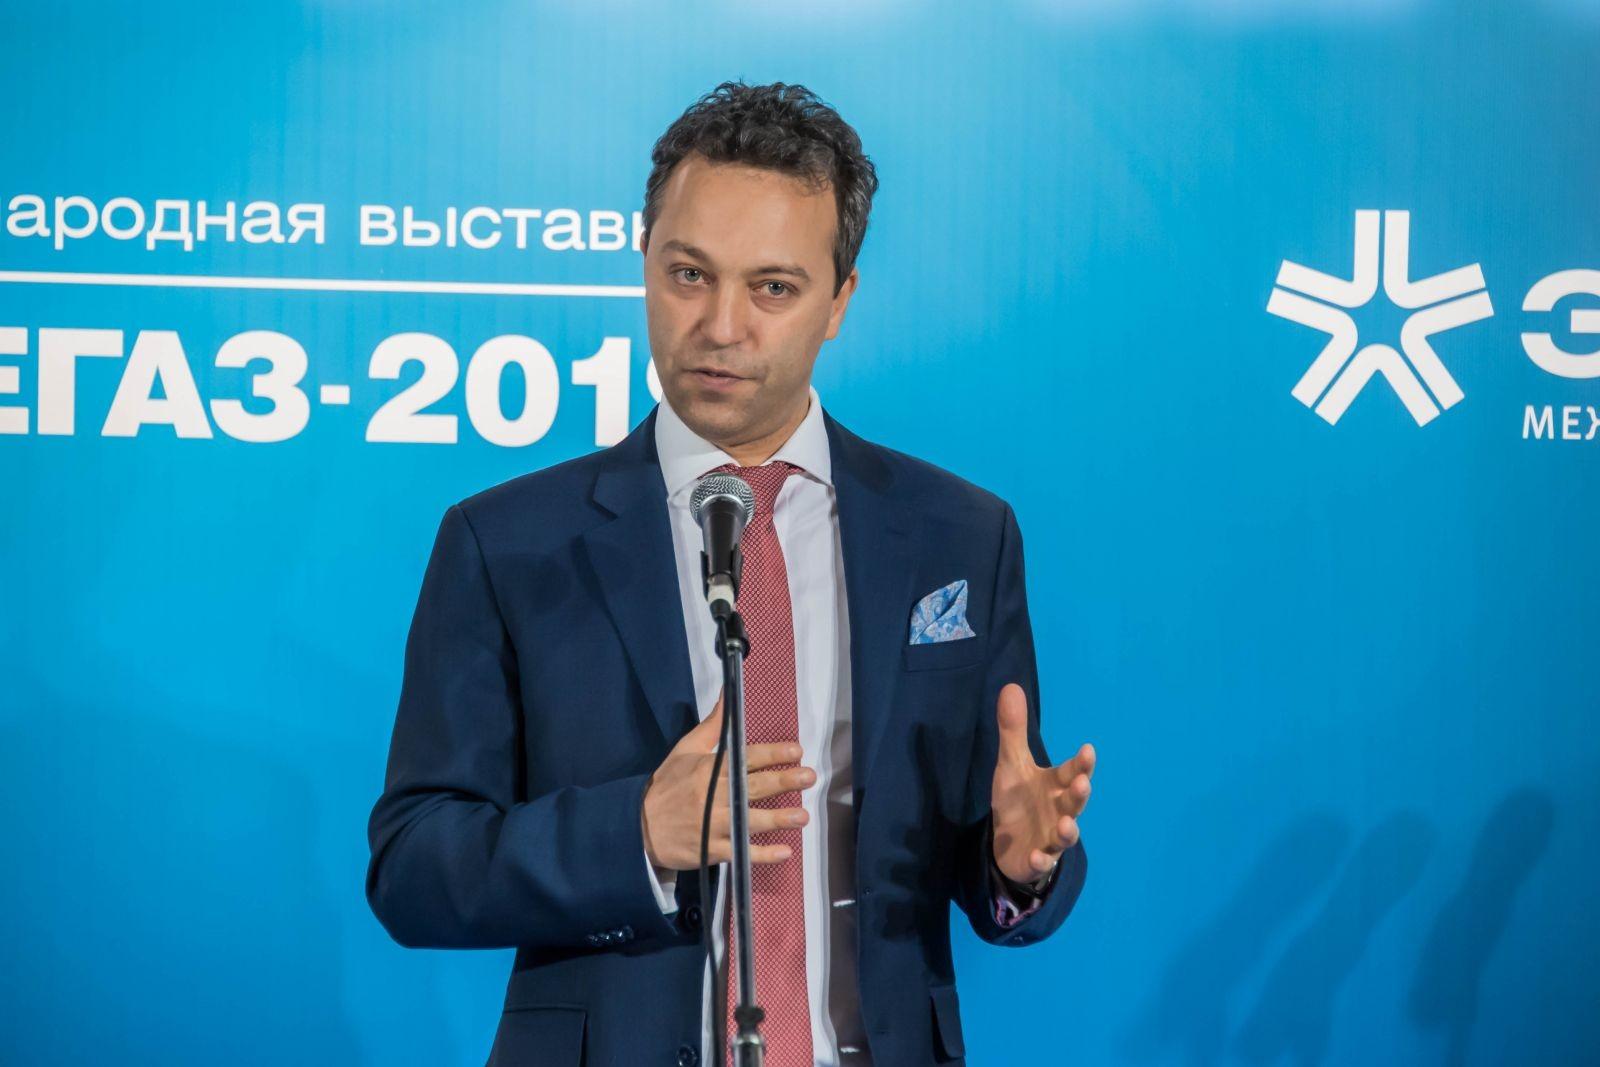 Директор по консалтингу в России IHSMarkit Максим Нечаев. Фото © Национальный нефтегазовый форум